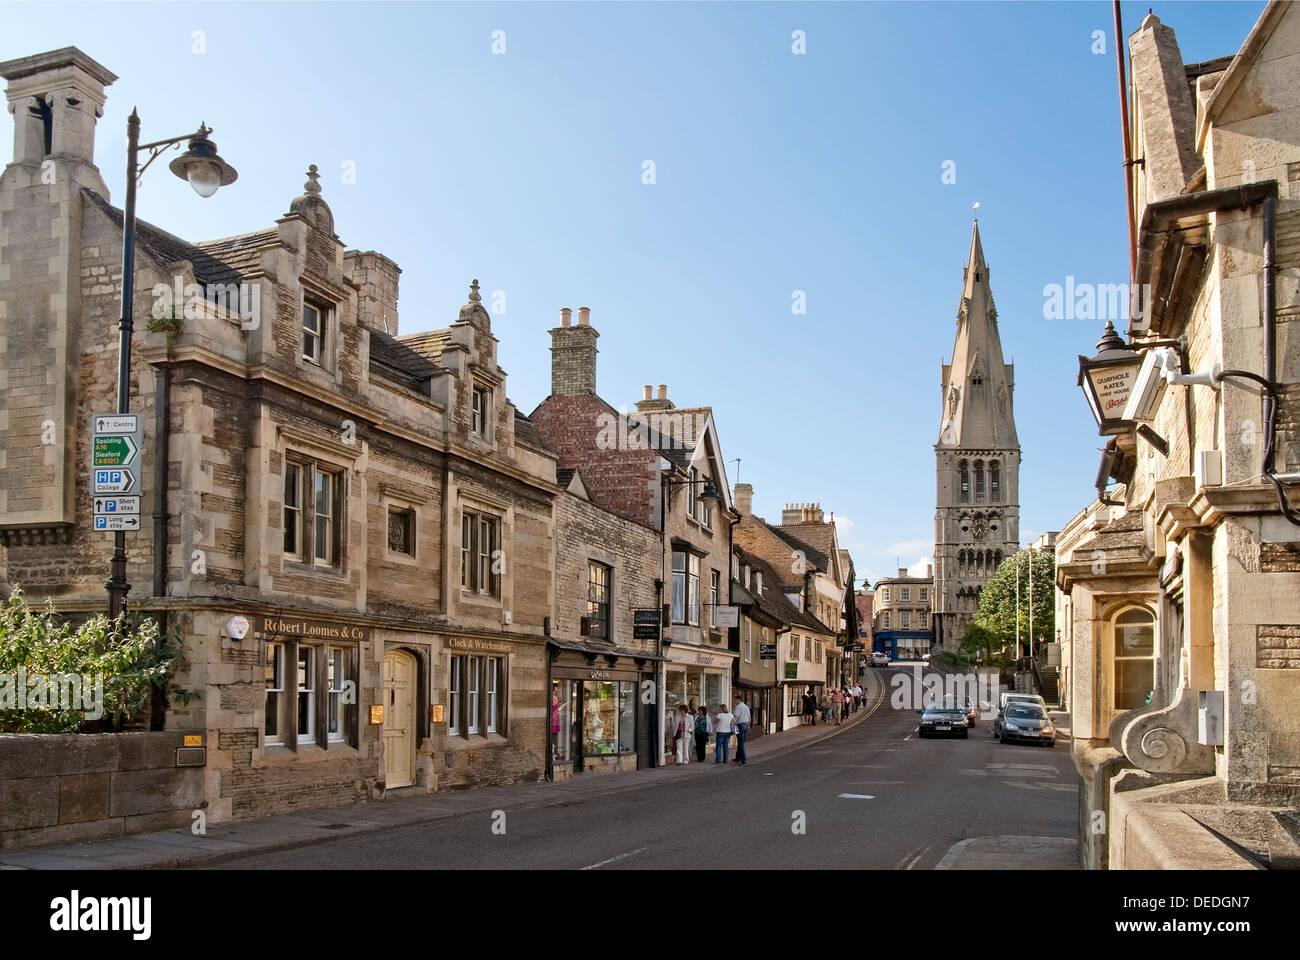 Historischen alten Stadt von Stamford, eine alte Stadt liegt etwa 100 Meilen nördlich von London, England. Stockbild